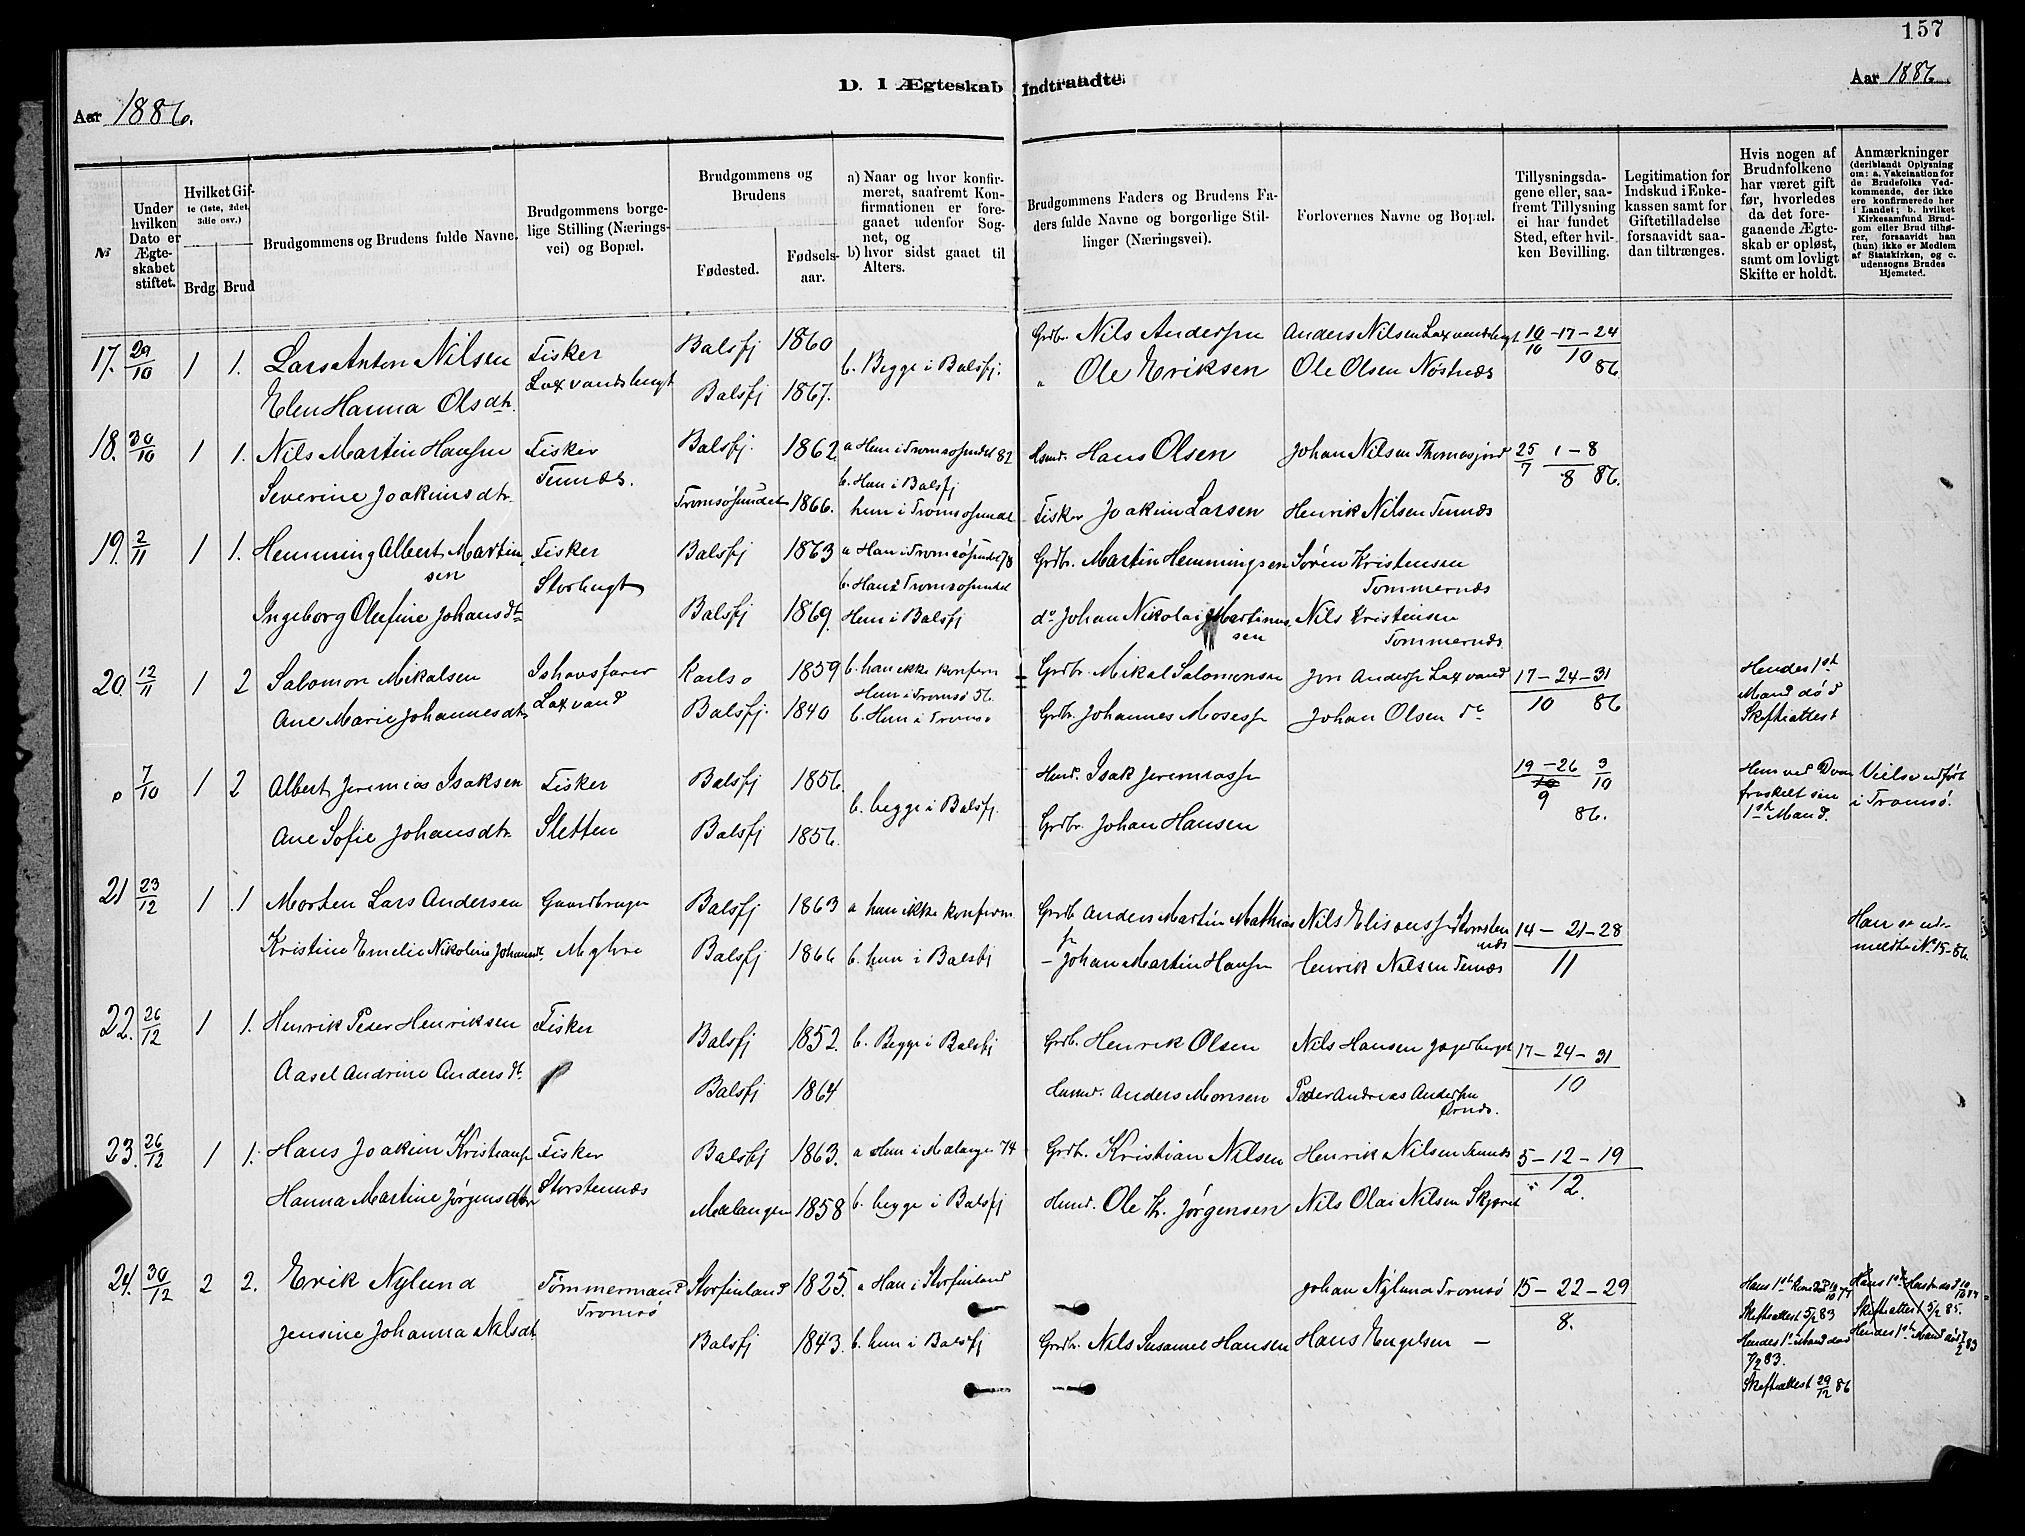 SATØ, Balsfjord sokneprestembete, G/Ga/L0007klokker: Klokkerbok nr. 7, 1878-1889, s. 157